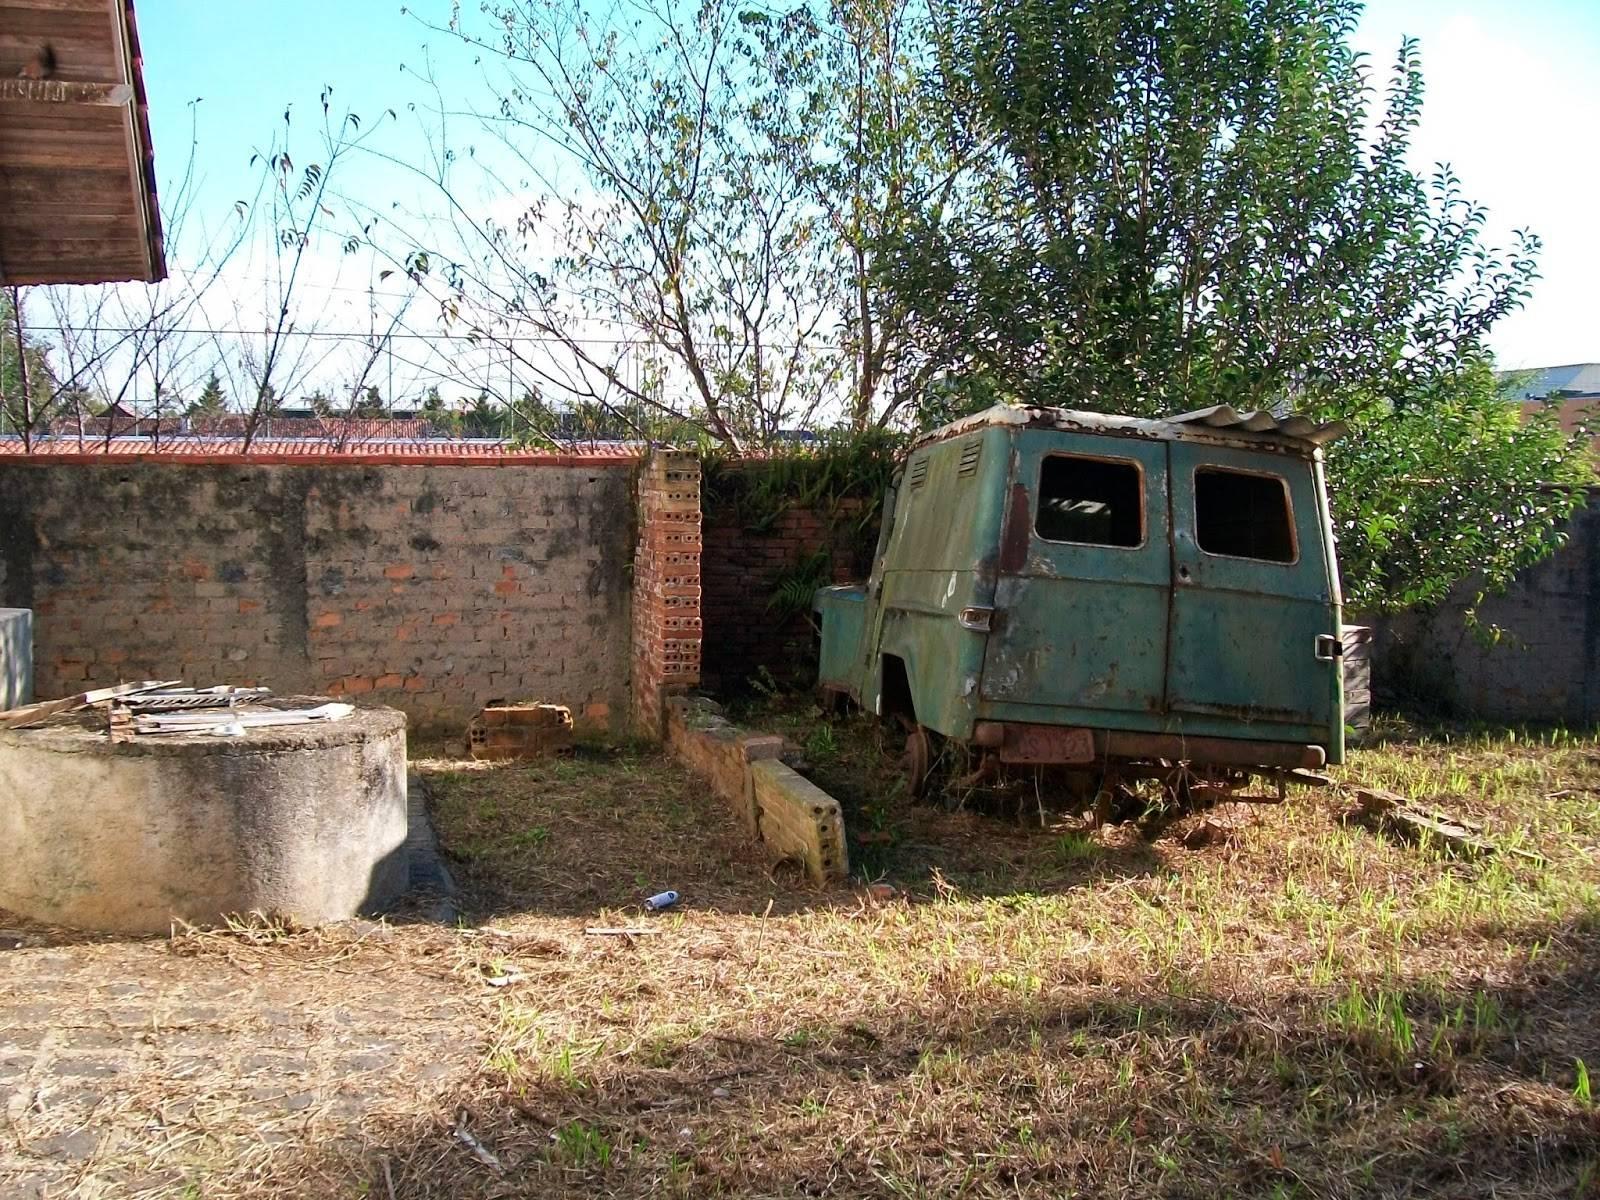 Quintal da Casa Kozák, detalhe do veículo se deteriorando